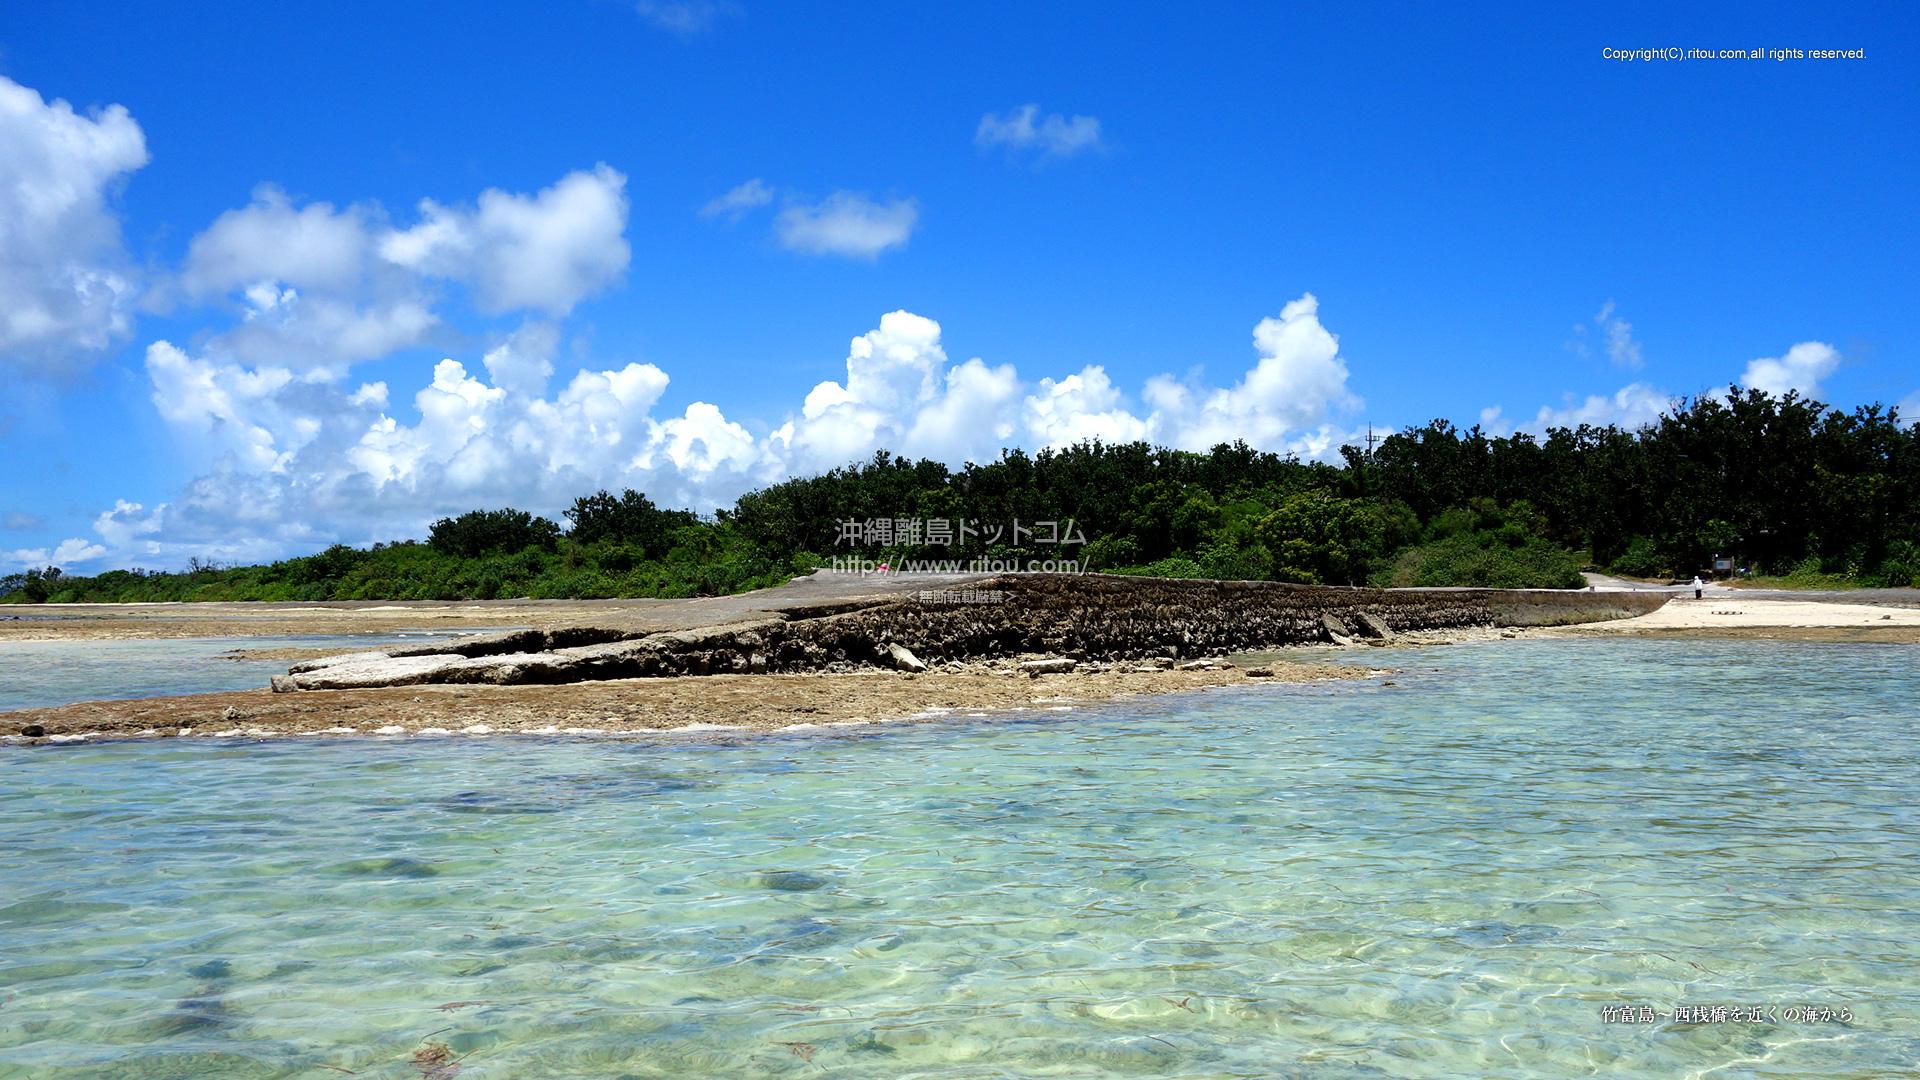 竹富島〜西桟橋を近くの海から